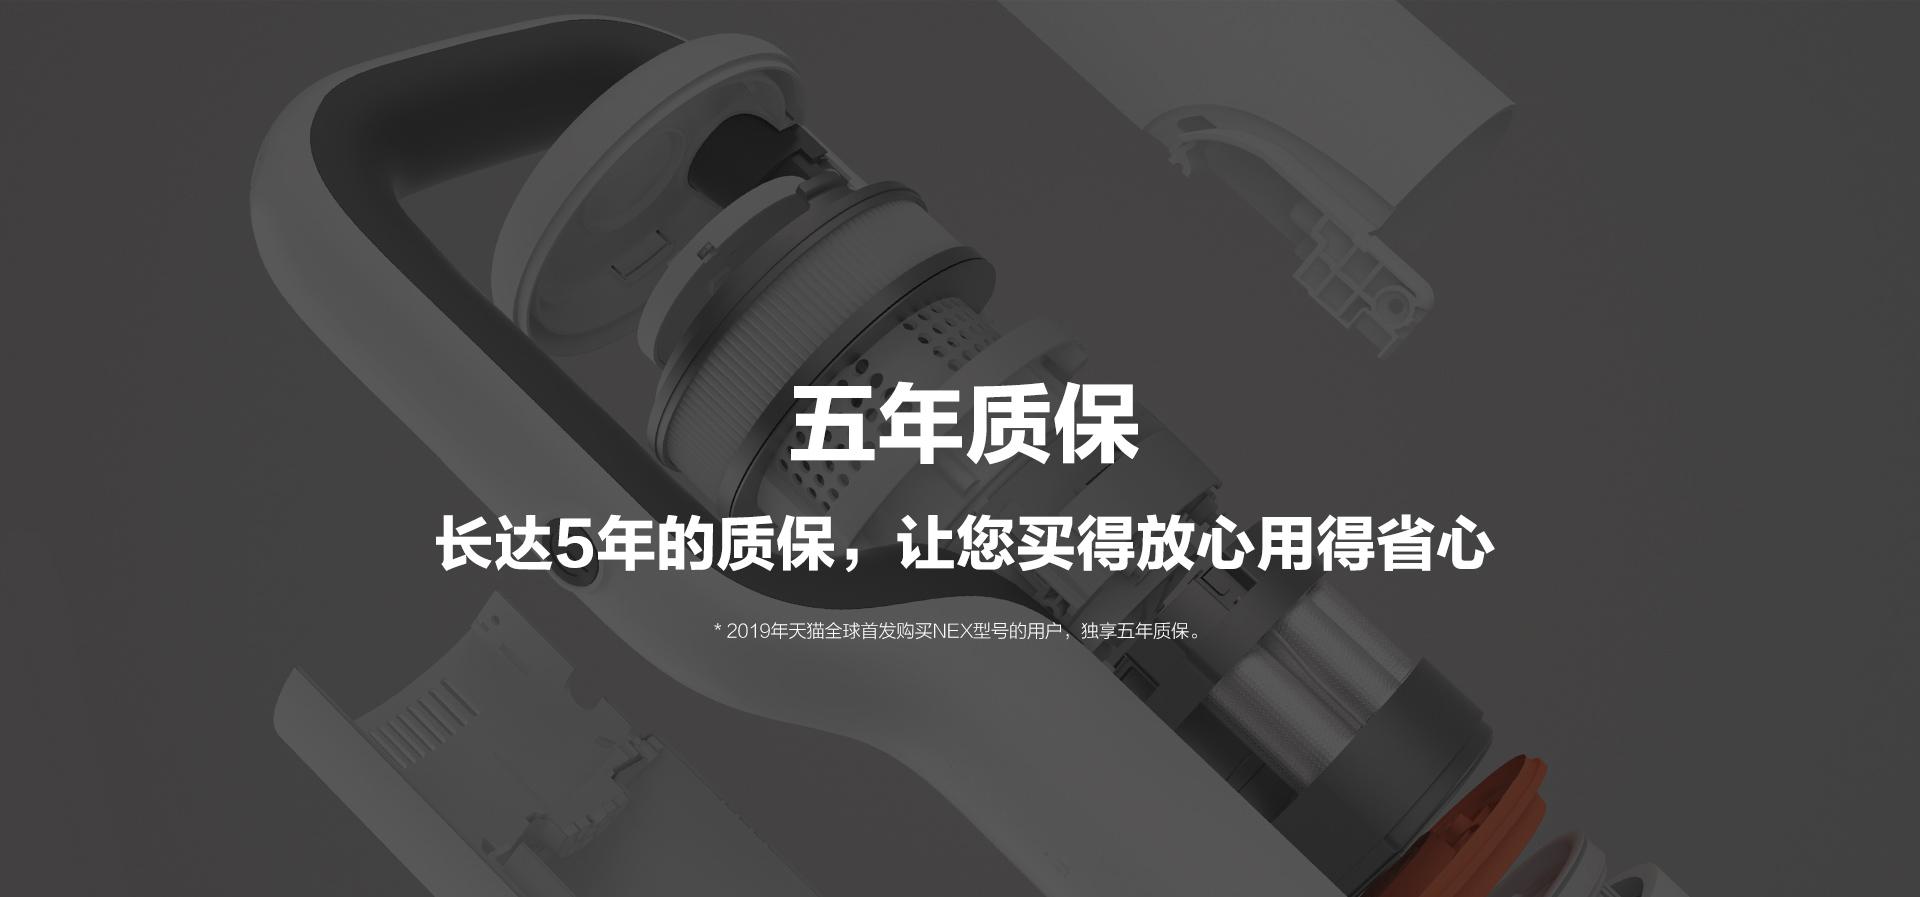 睿米手持无线吸尘器1.5kg的超轻重量。操作轻盈,极大减轻了用户打扫的体力负担,长时间使用也不会累